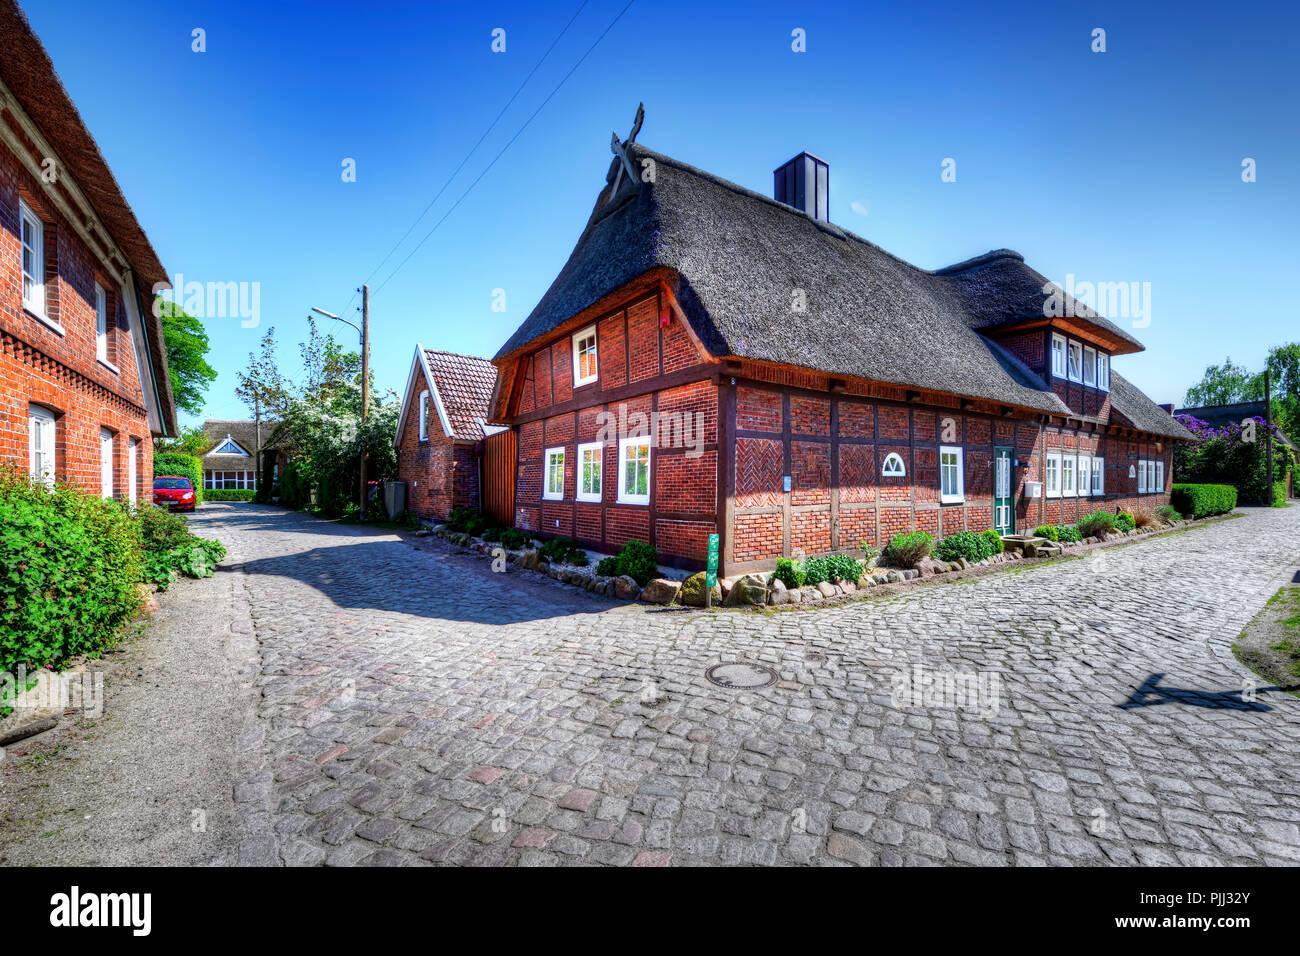 Half-timbered houses and lanes in the Stegelviertel in new narrow nurse, Hamburg, Germany, Europe, Fachwerkhäuser und Gassen im Stegelviertel in Neuen Stock Photo